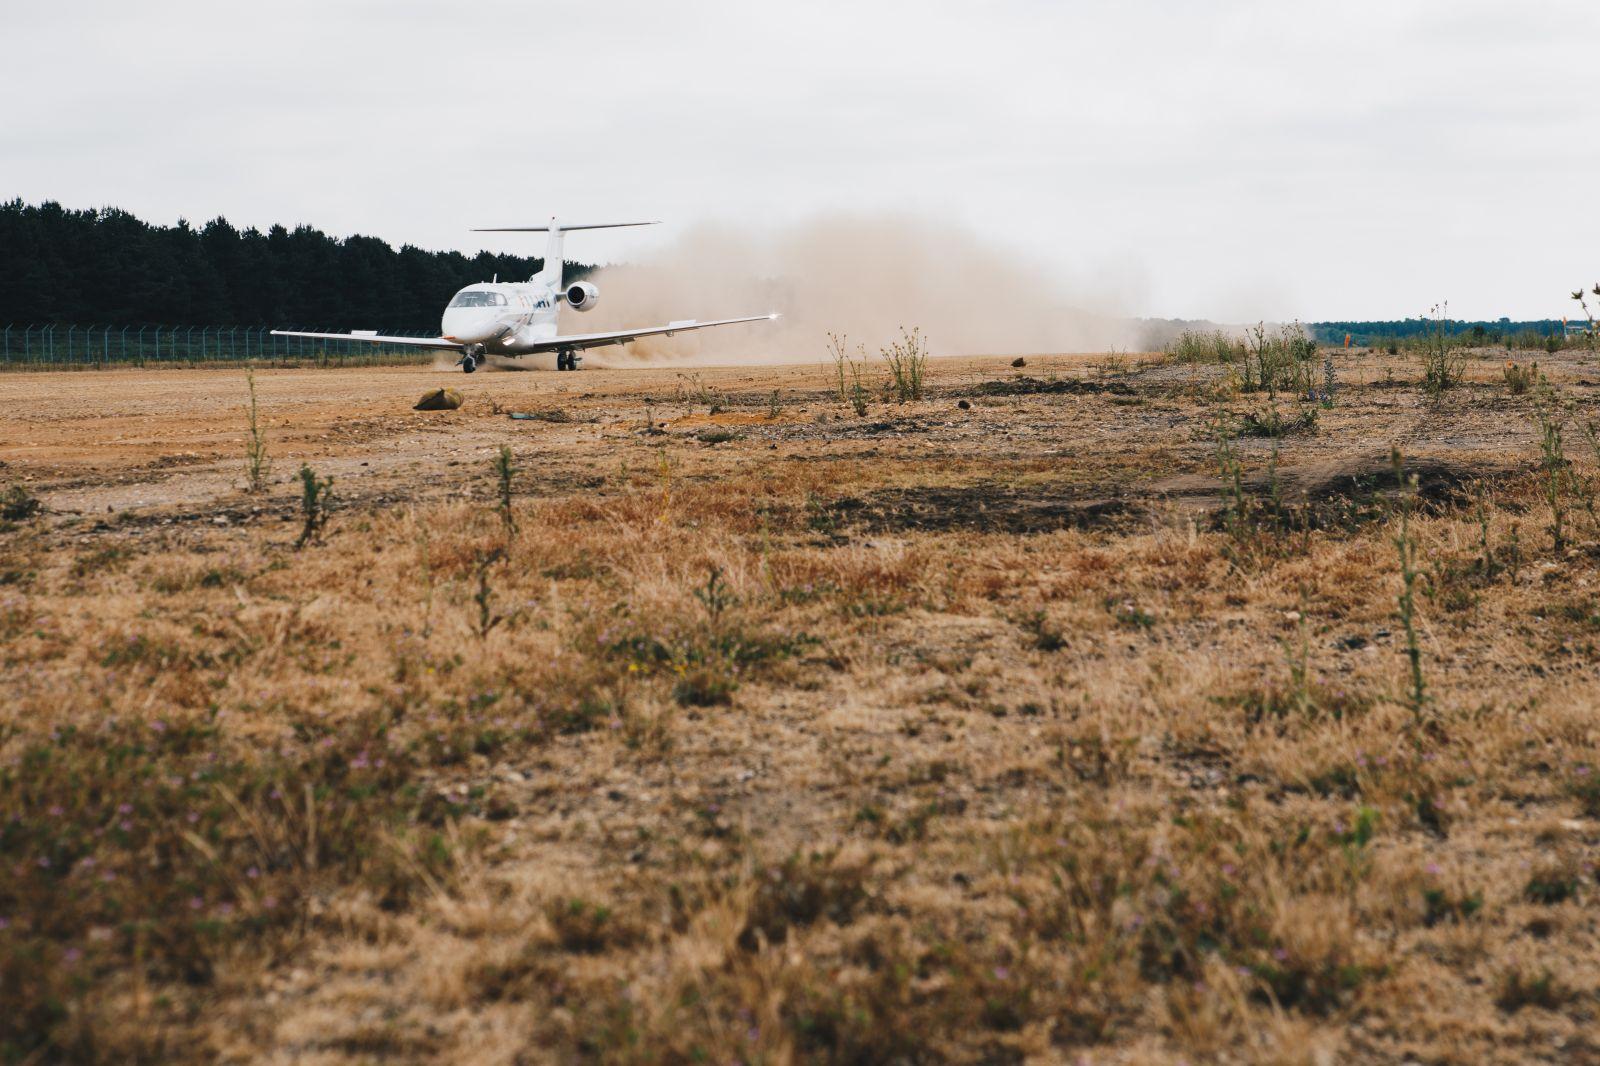 Първо кацане на РС-24 на писта без твърдо покритие (СНИМКИ, ВИДЕО)